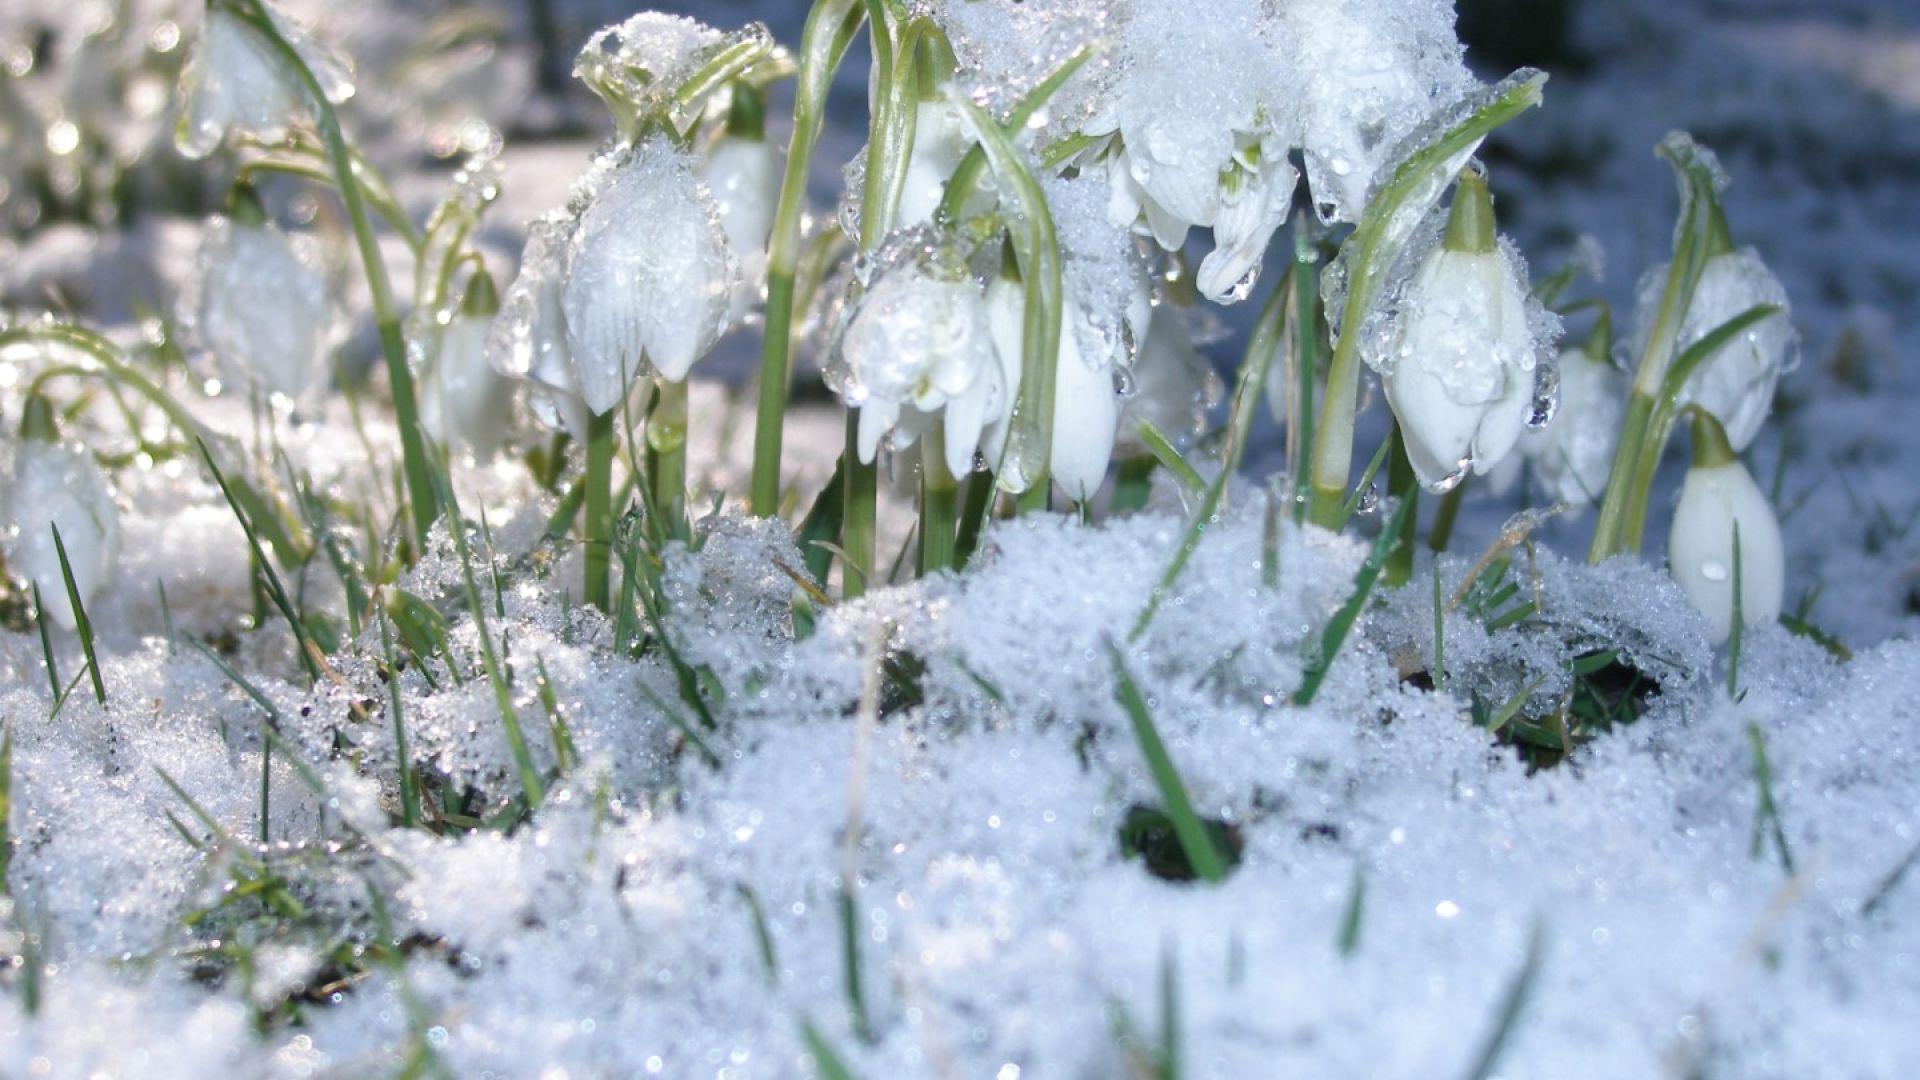 Януари се предава: дъжд и меко време в следващите 7 дни